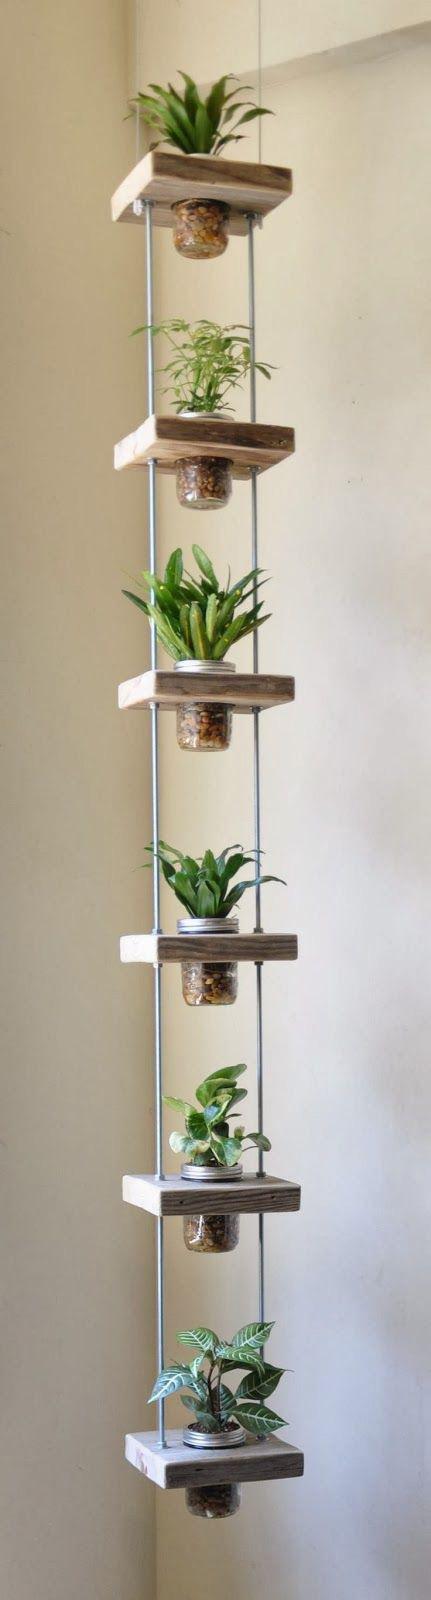 Awesome Vertical Garden